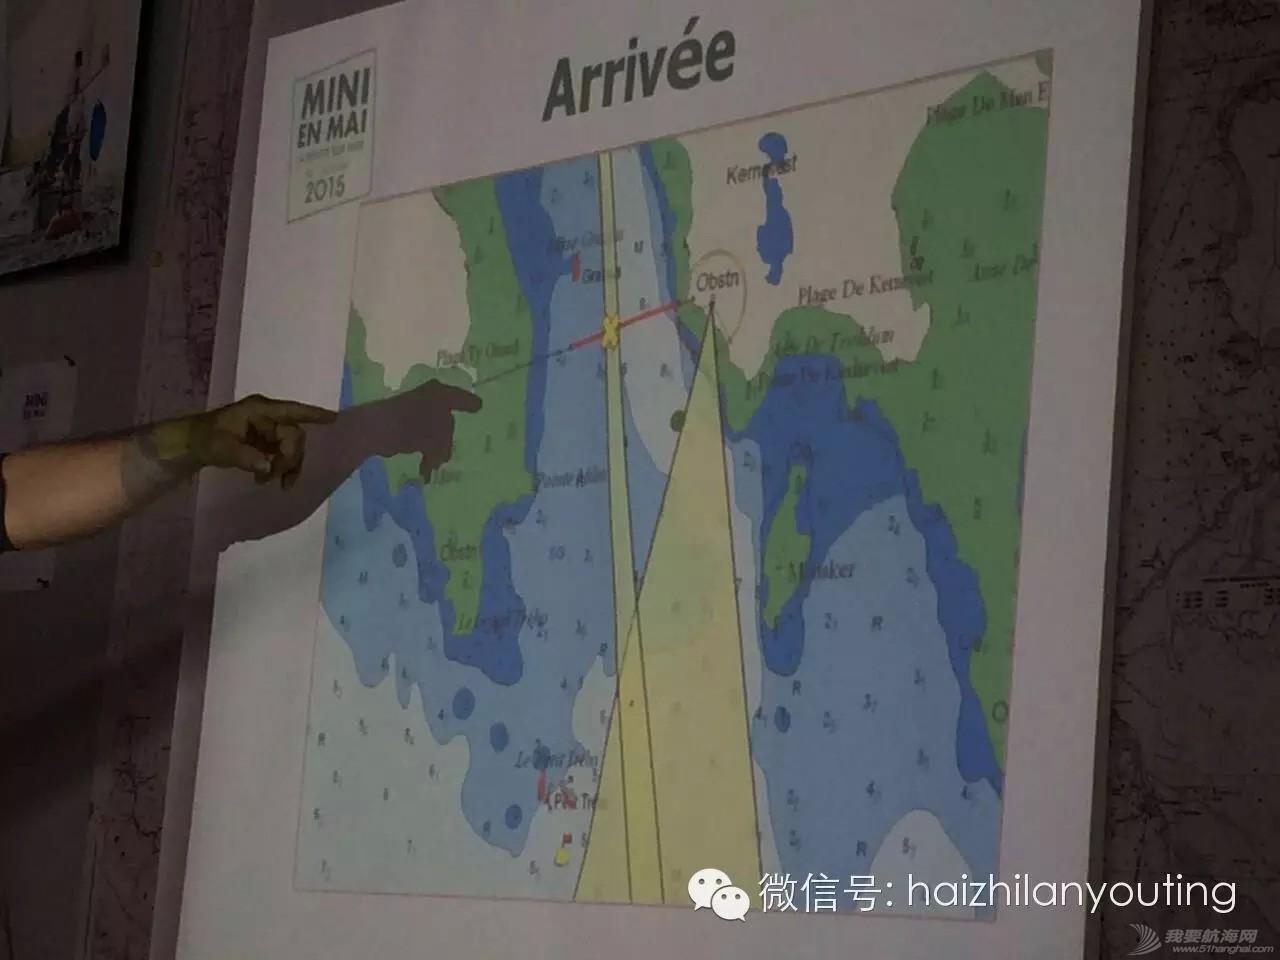 """通讯设备,国际帆联,航海技术,大西洋,培训机构,通讯设备,国际帆联,航海技术,大西洋,培训机构 徐京坤的新梦想----参加2015年""""MINI TRANSAT 650级别单人横渡大西洋帆船赛"""". fc386934275c63a50a54cf939ab6eb56.jpg"""